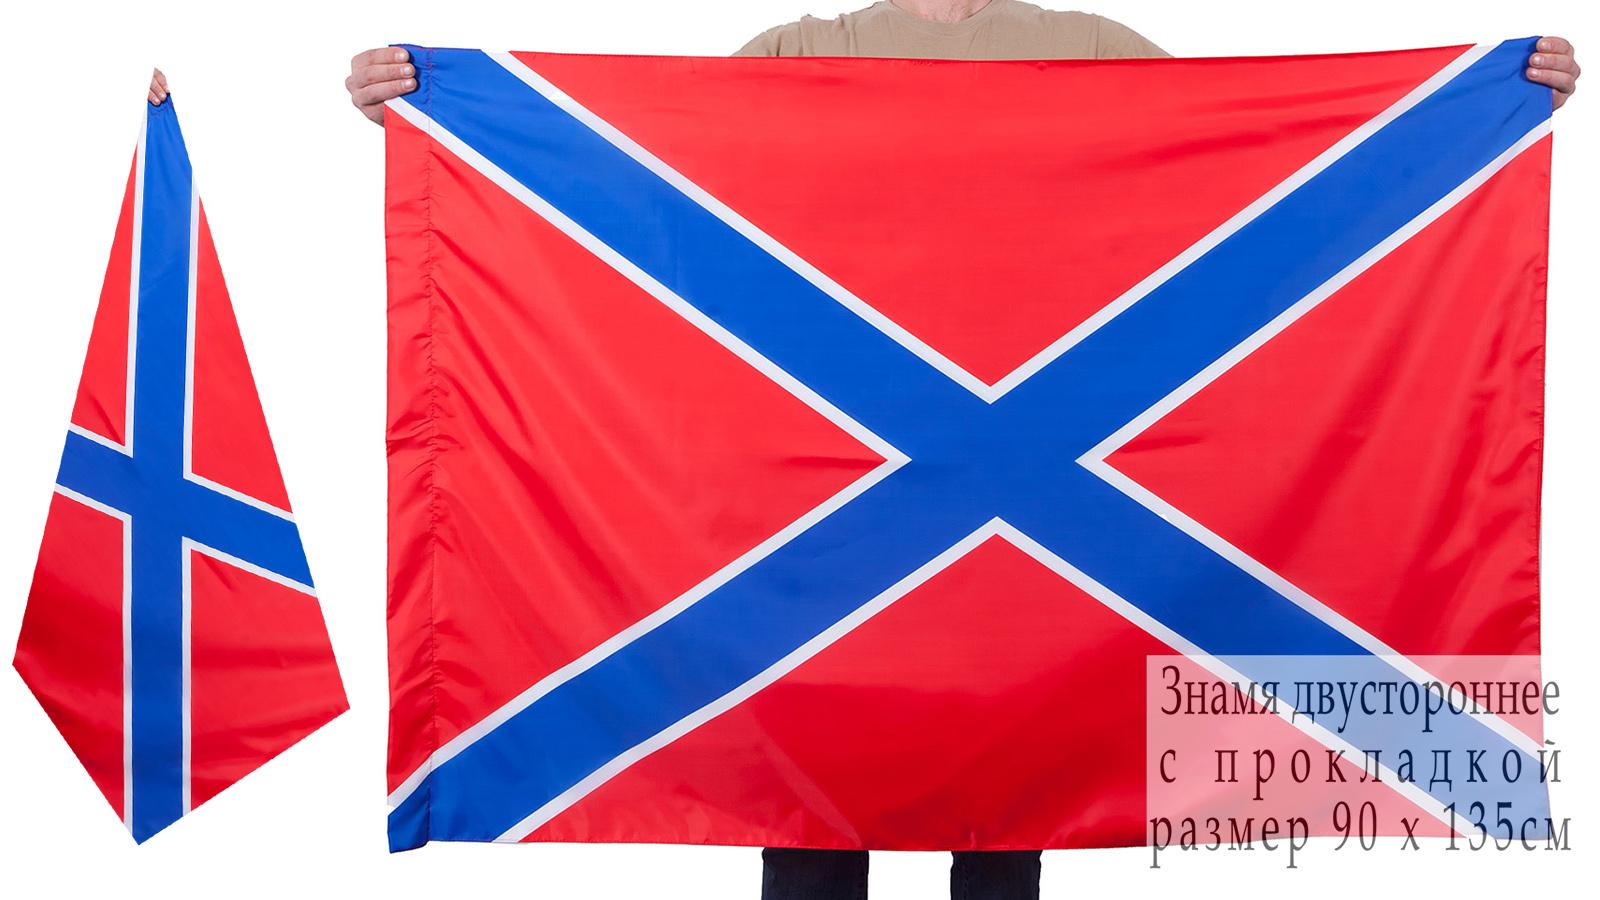 Двухстороннее Боевое знамя Новороссии